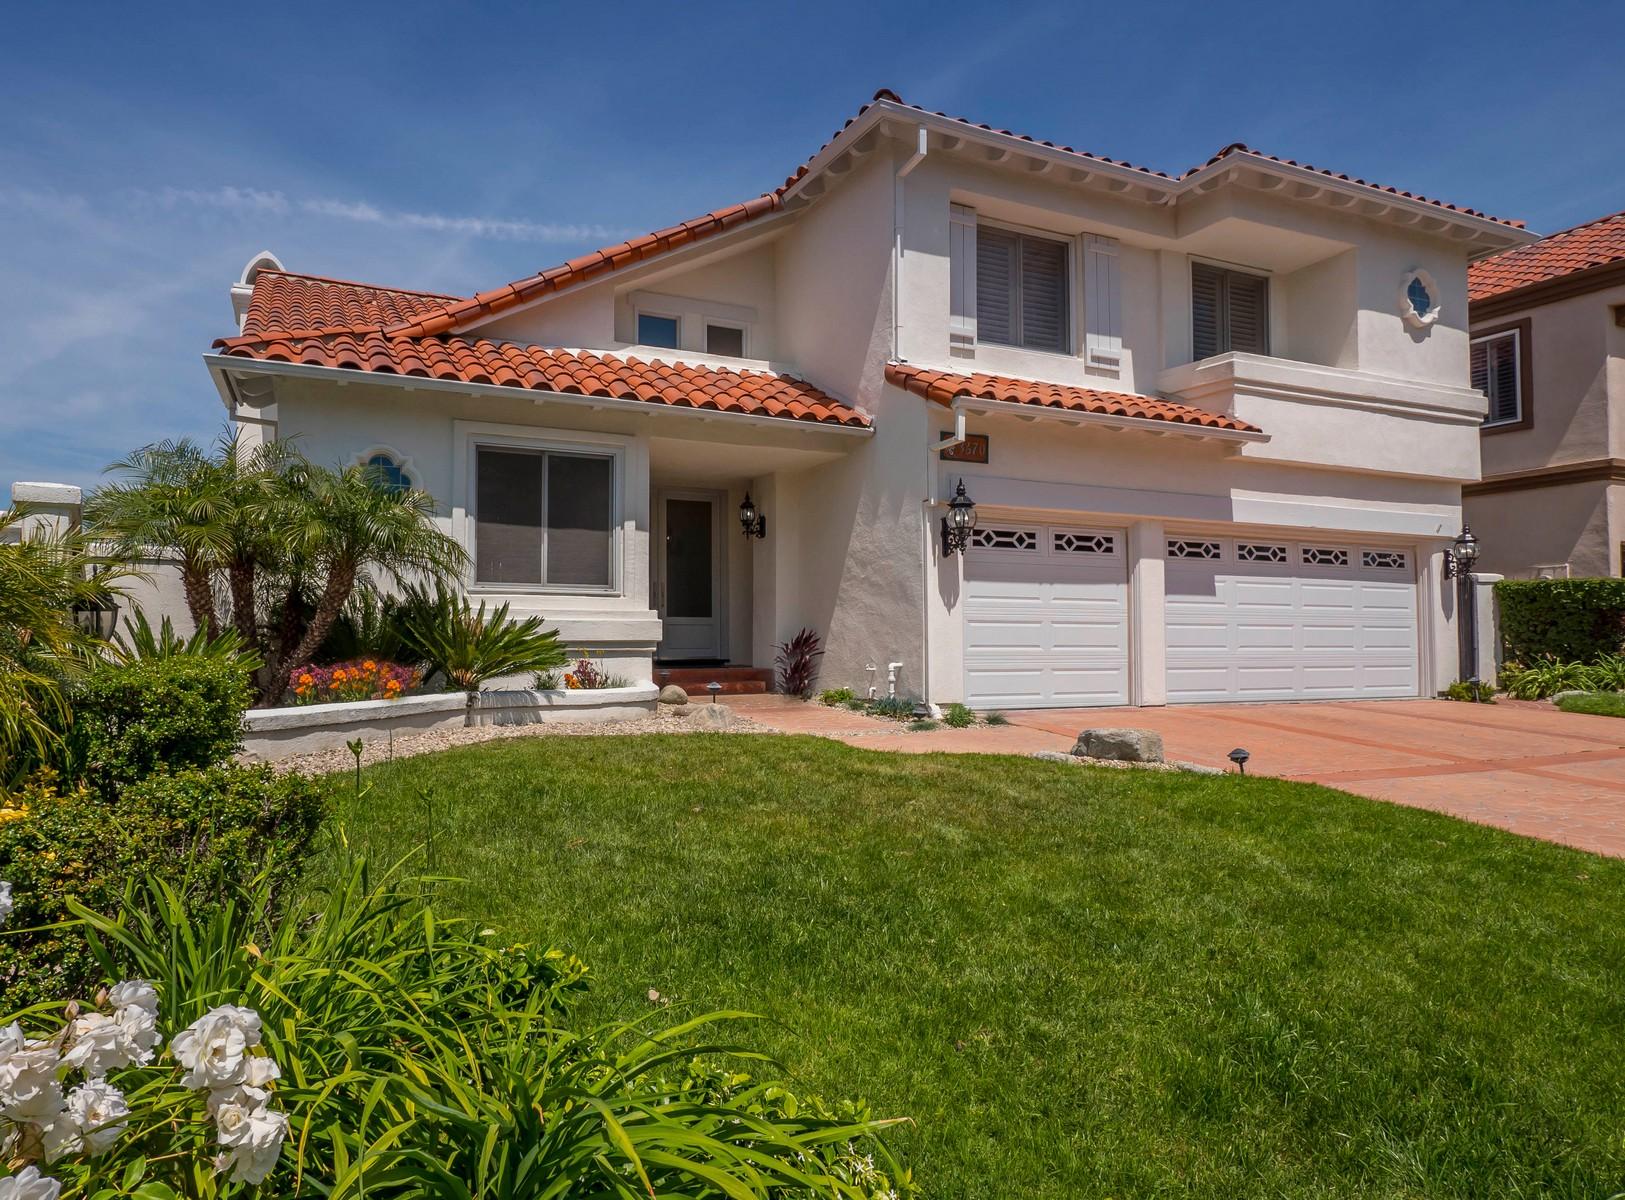 独户住宅 为 销售 在 3670 Reina Court 卡拉巴萨斯, 加利福尼亚州, 91302 美国